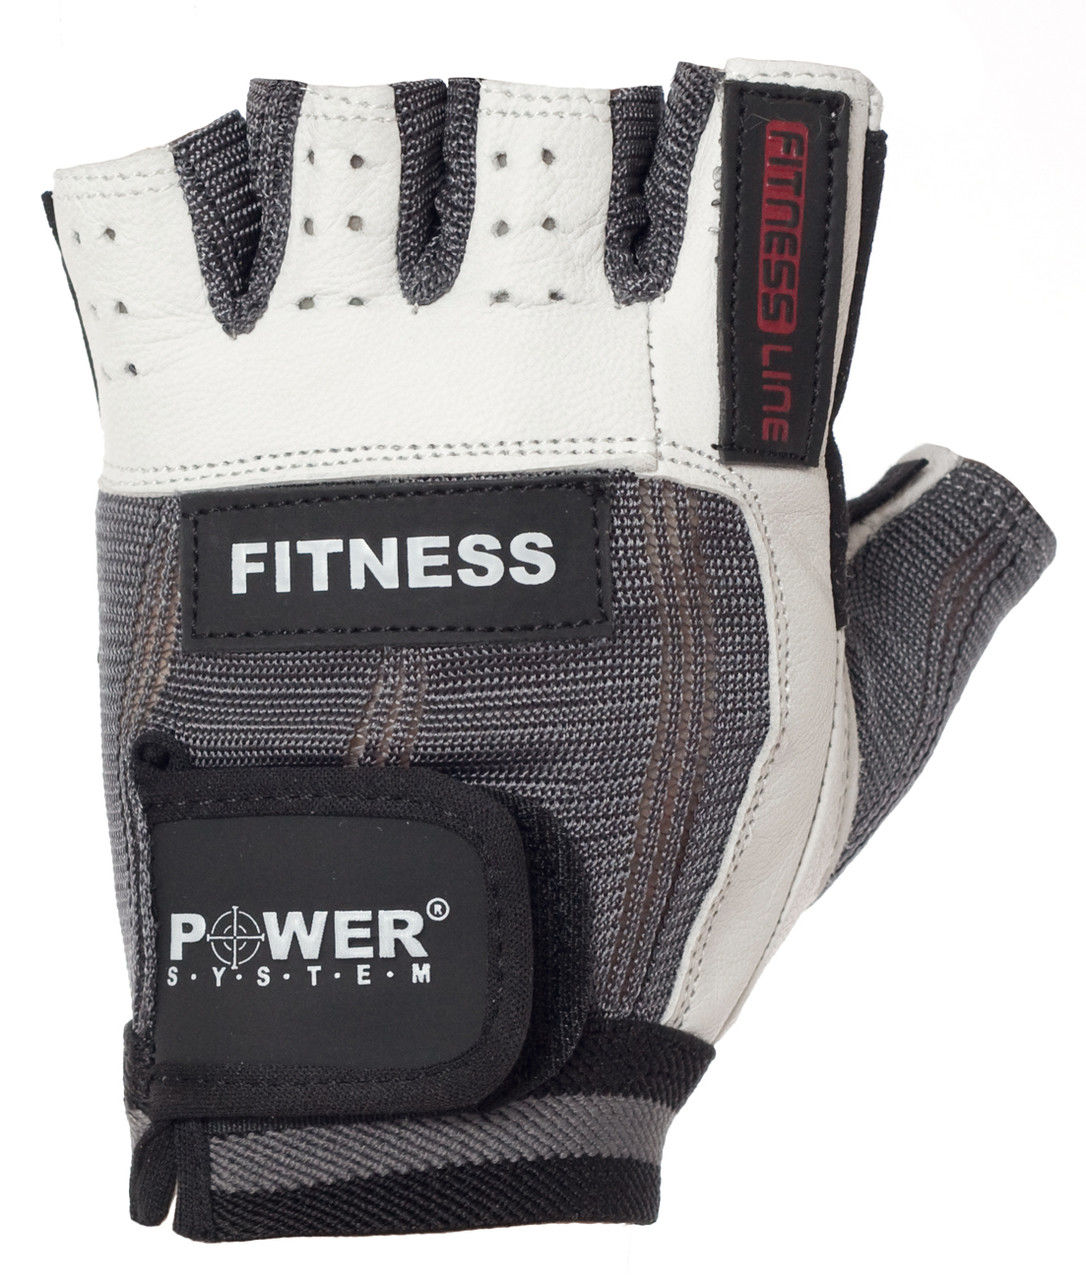 Перчатки Power System Fitness PS-2300 L, Серый фото видео изображение